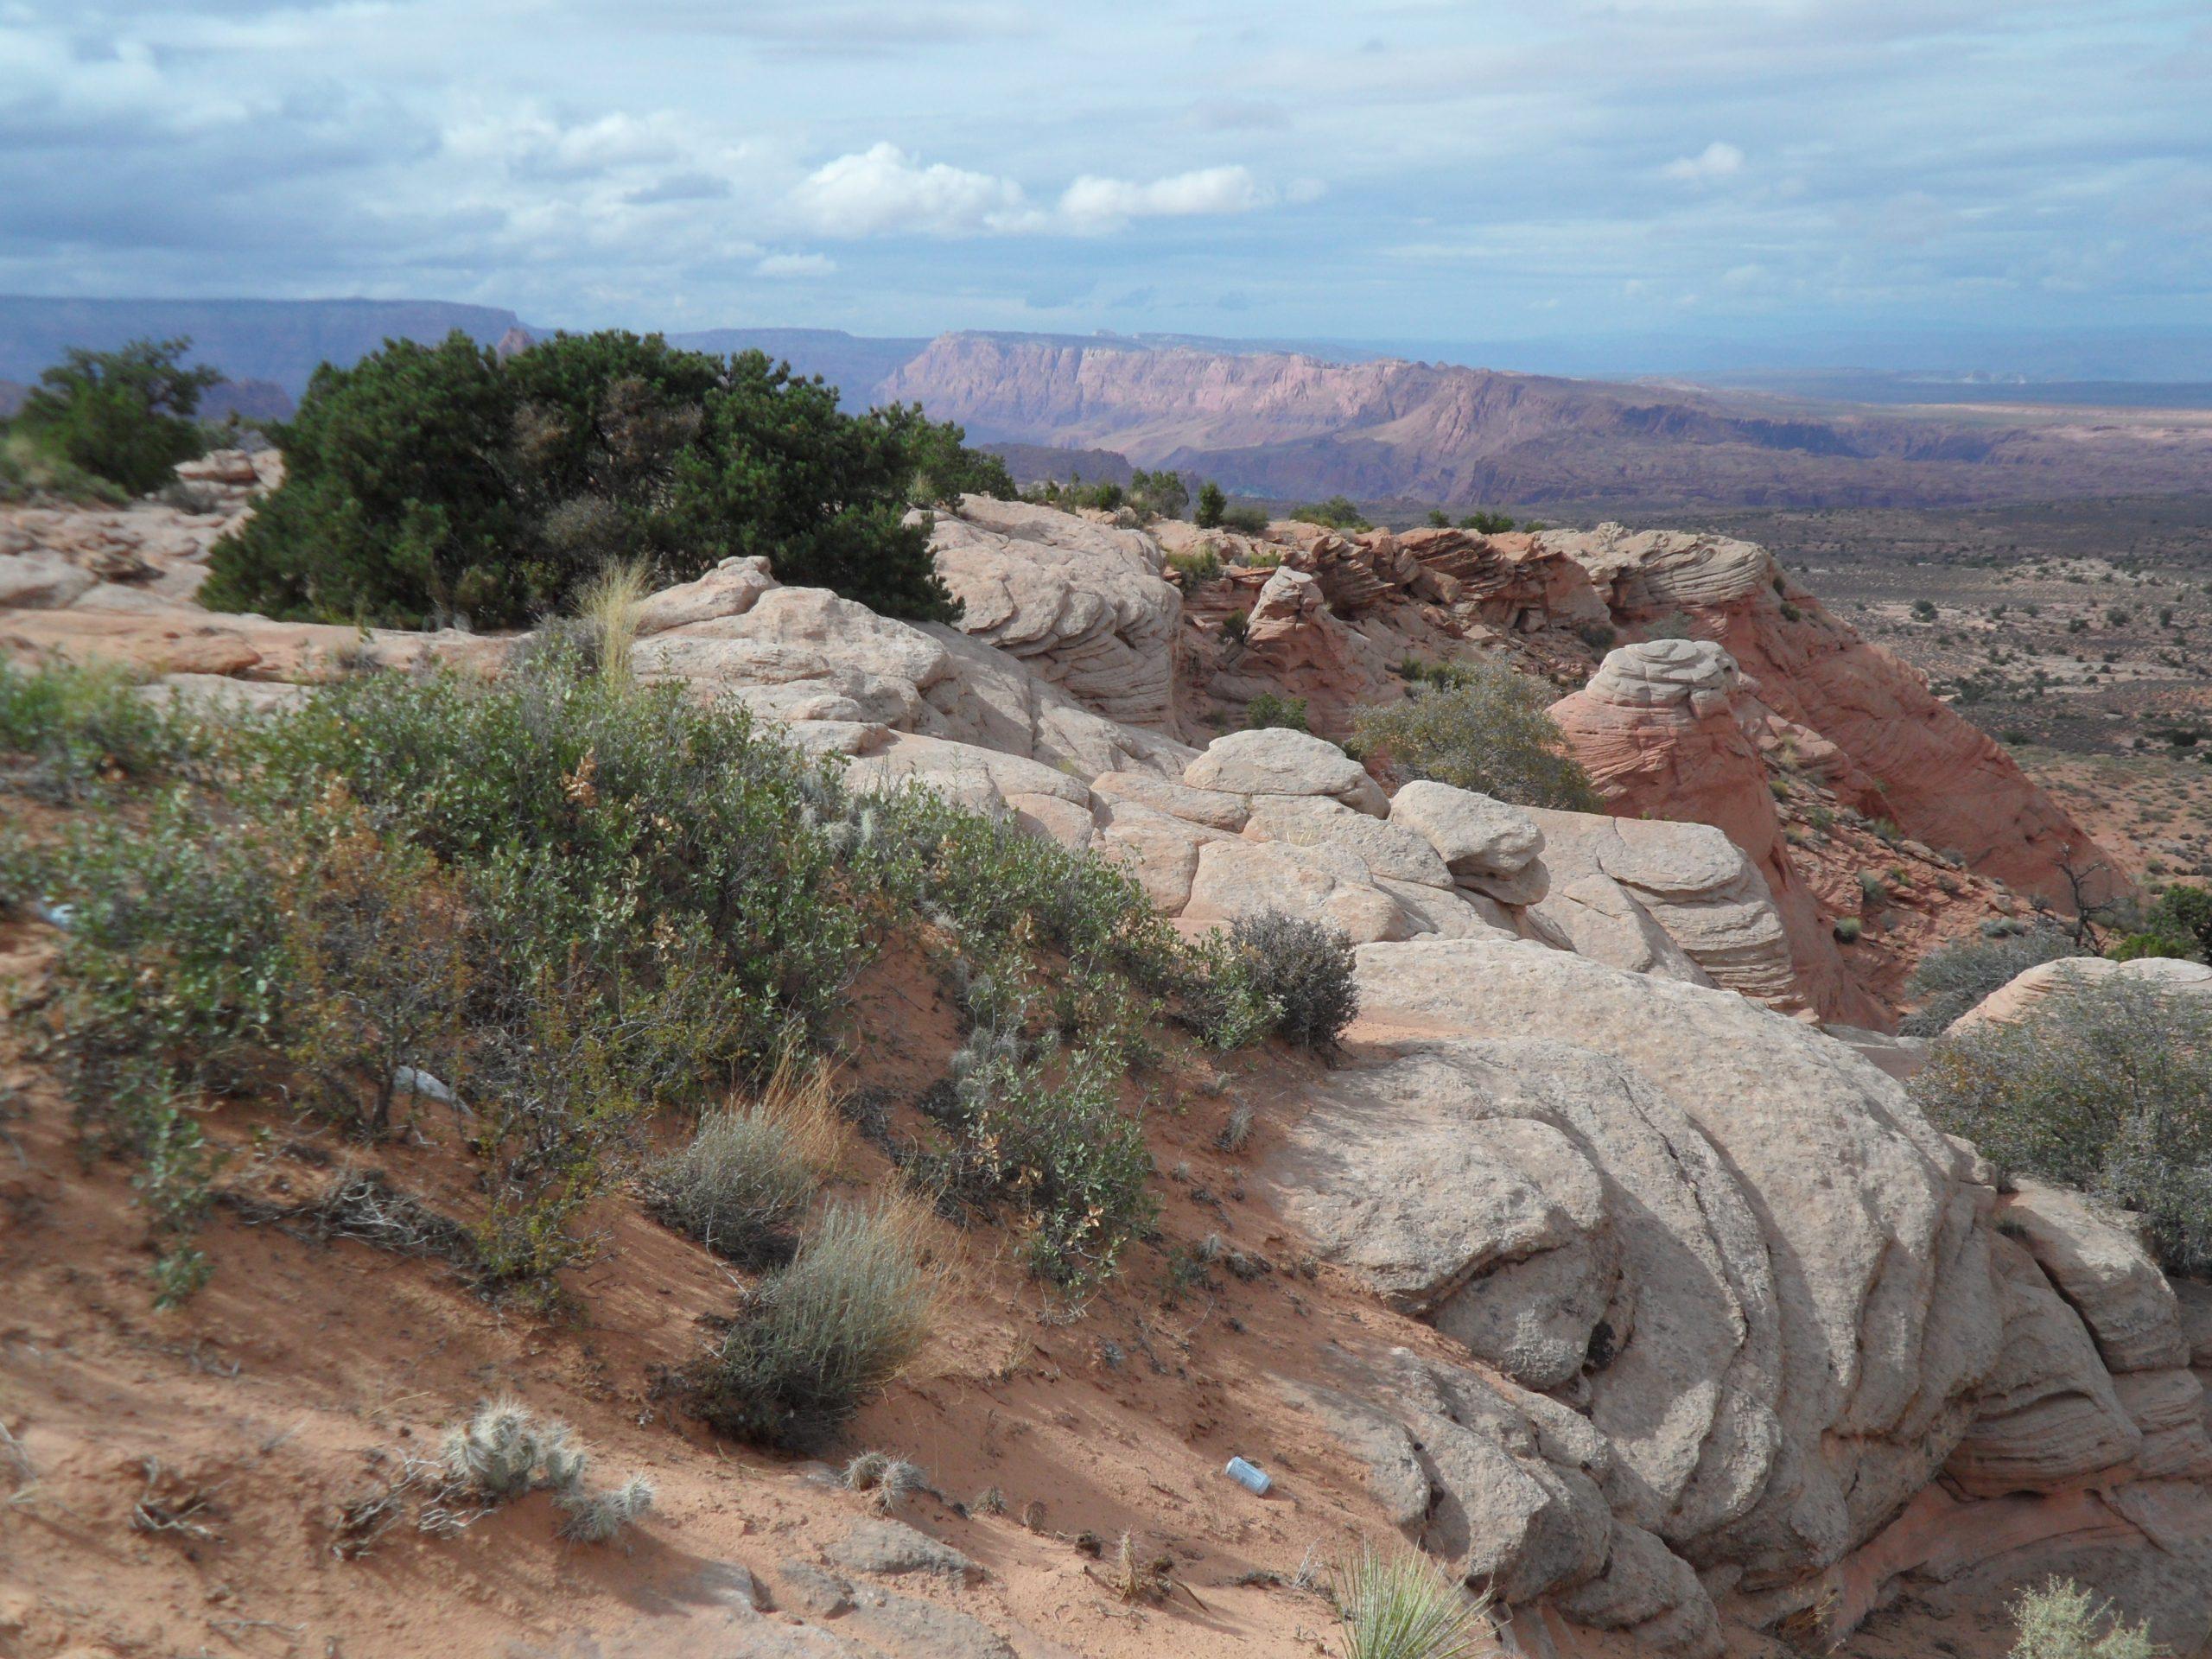 Shinnery oak grows atop a rocky outcrop in Cedar Mesa, UT.